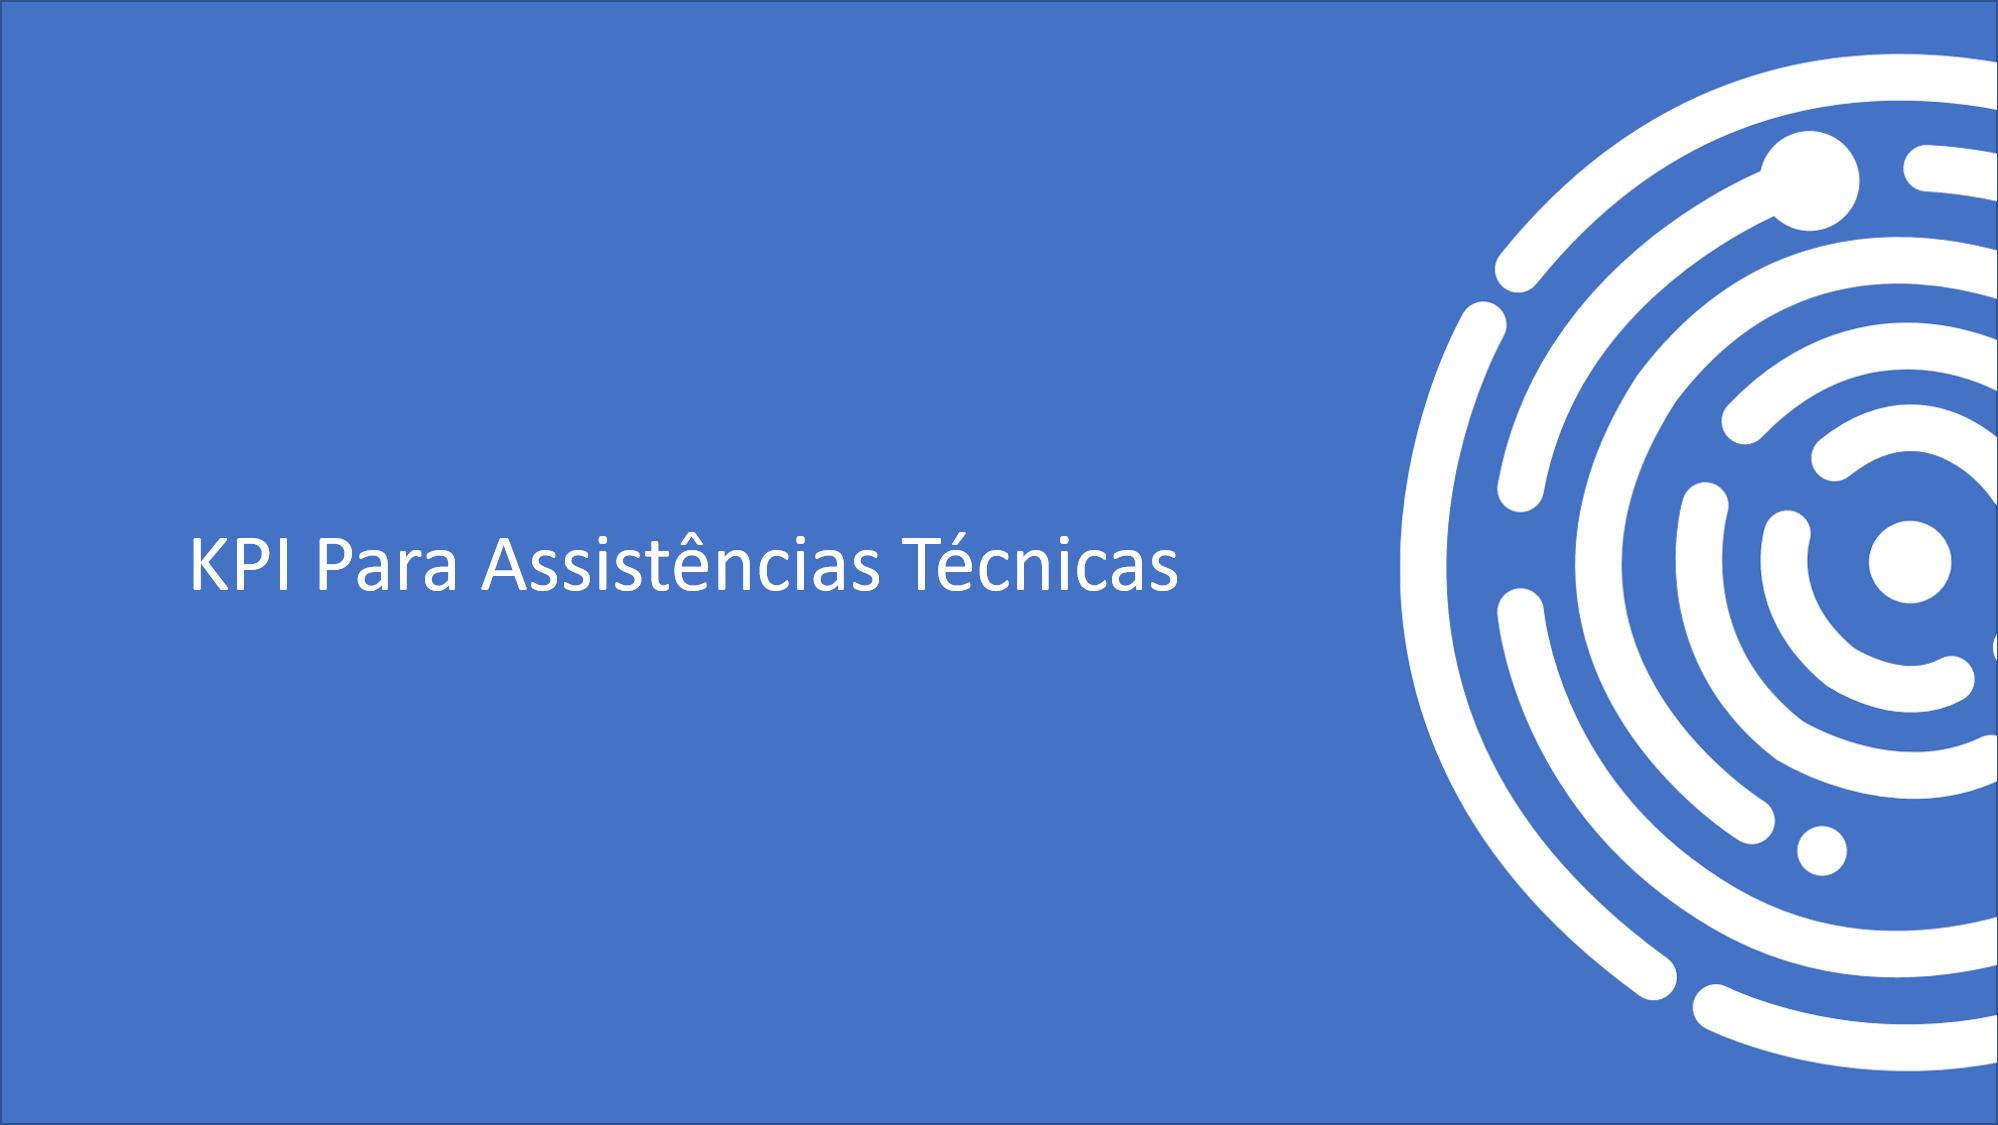 KPI para Assistências Técnicas